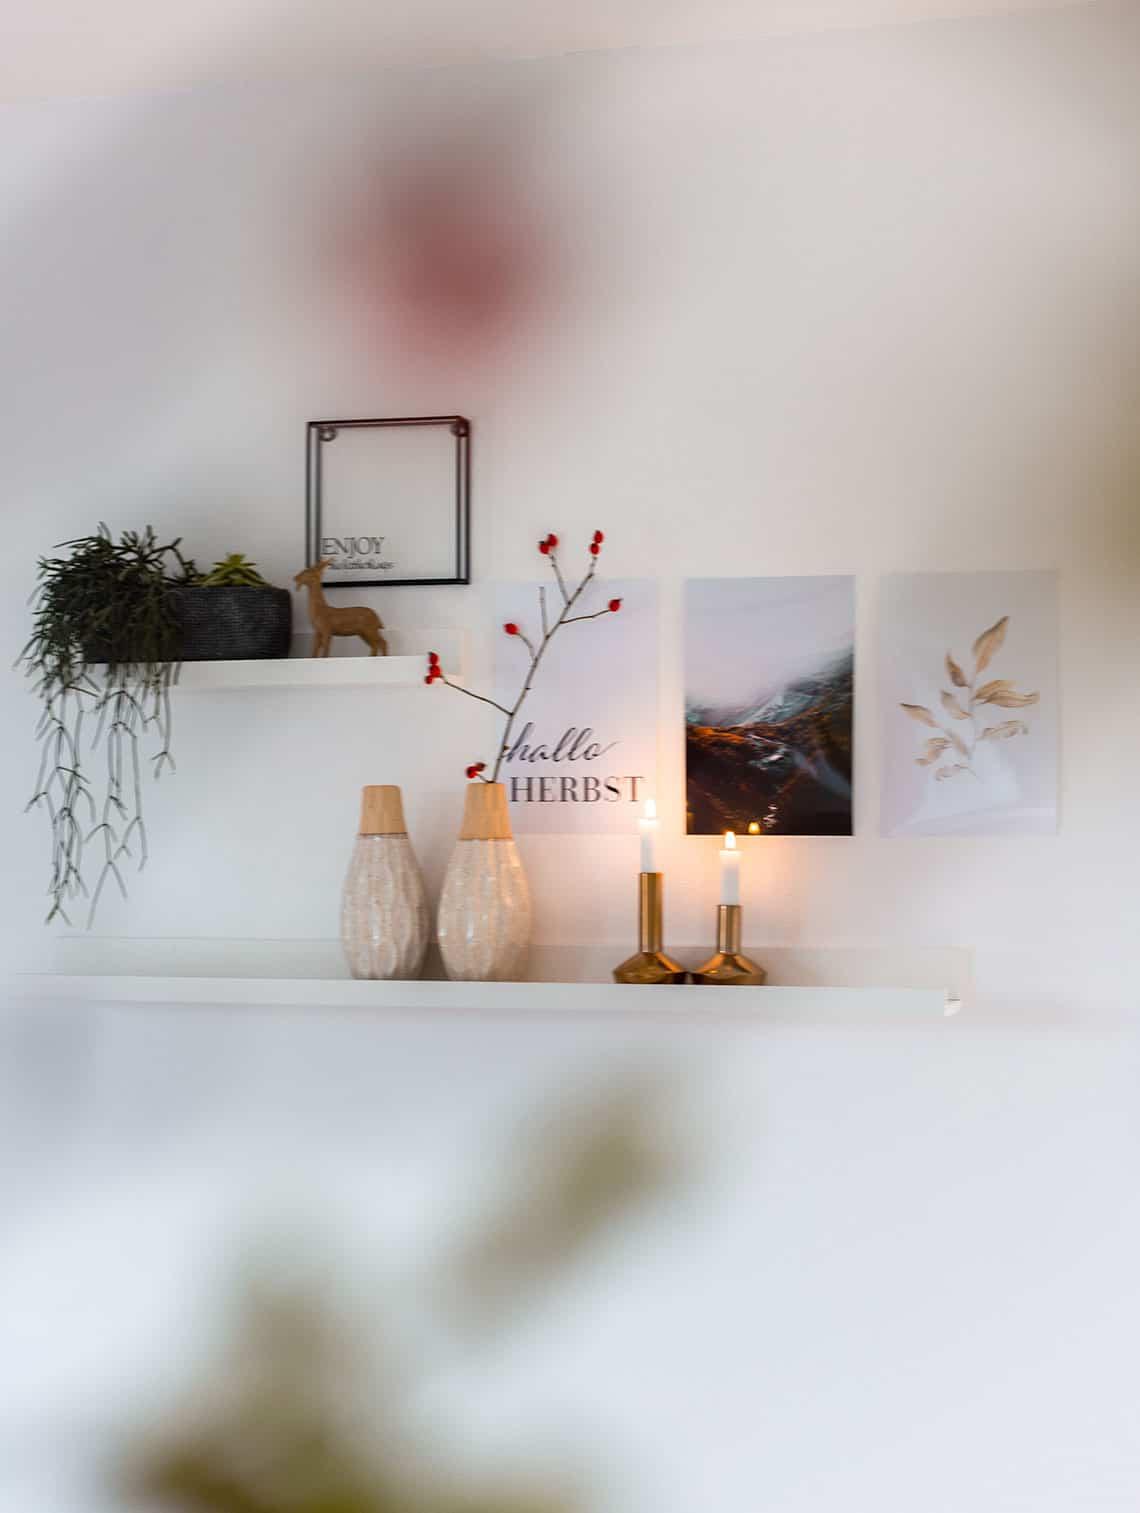 Herbststimmung im Wohnzimmer mit Herbstdeko